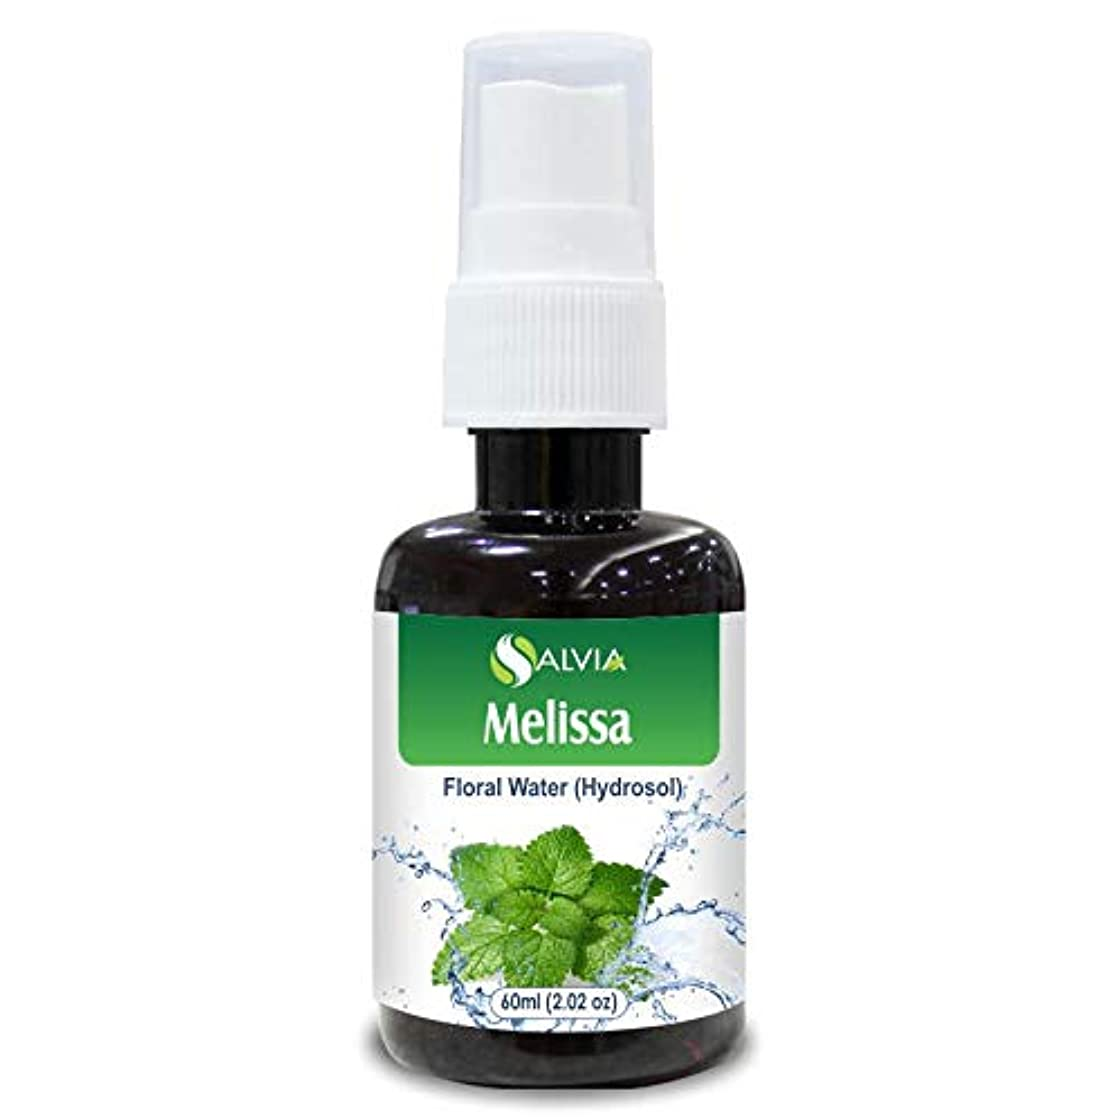 増幅する再集計洞察力のあるMelissa (Lemon Balm) Floral Water 60ml (Hydrosol) 100% Pure And Natural